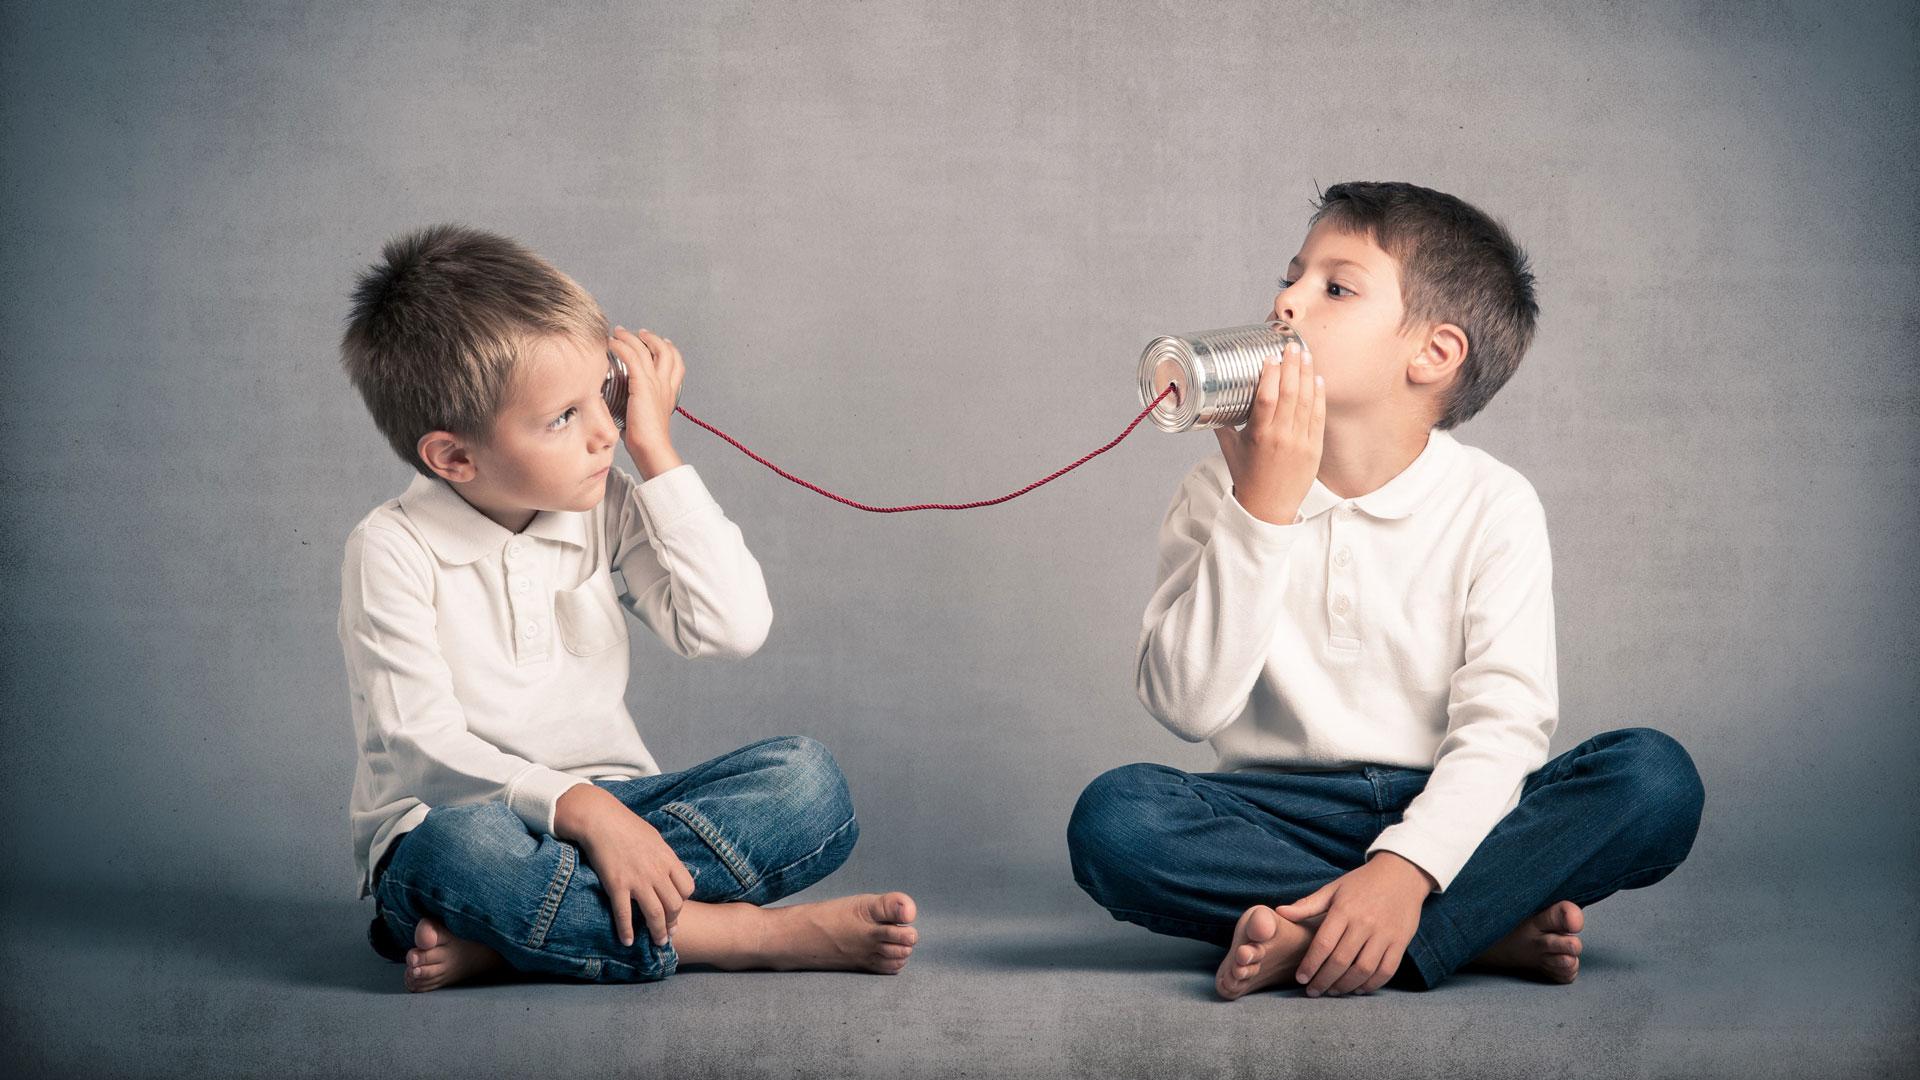 Analisi transazionale e comunicazione: come applicarla nel coaching?